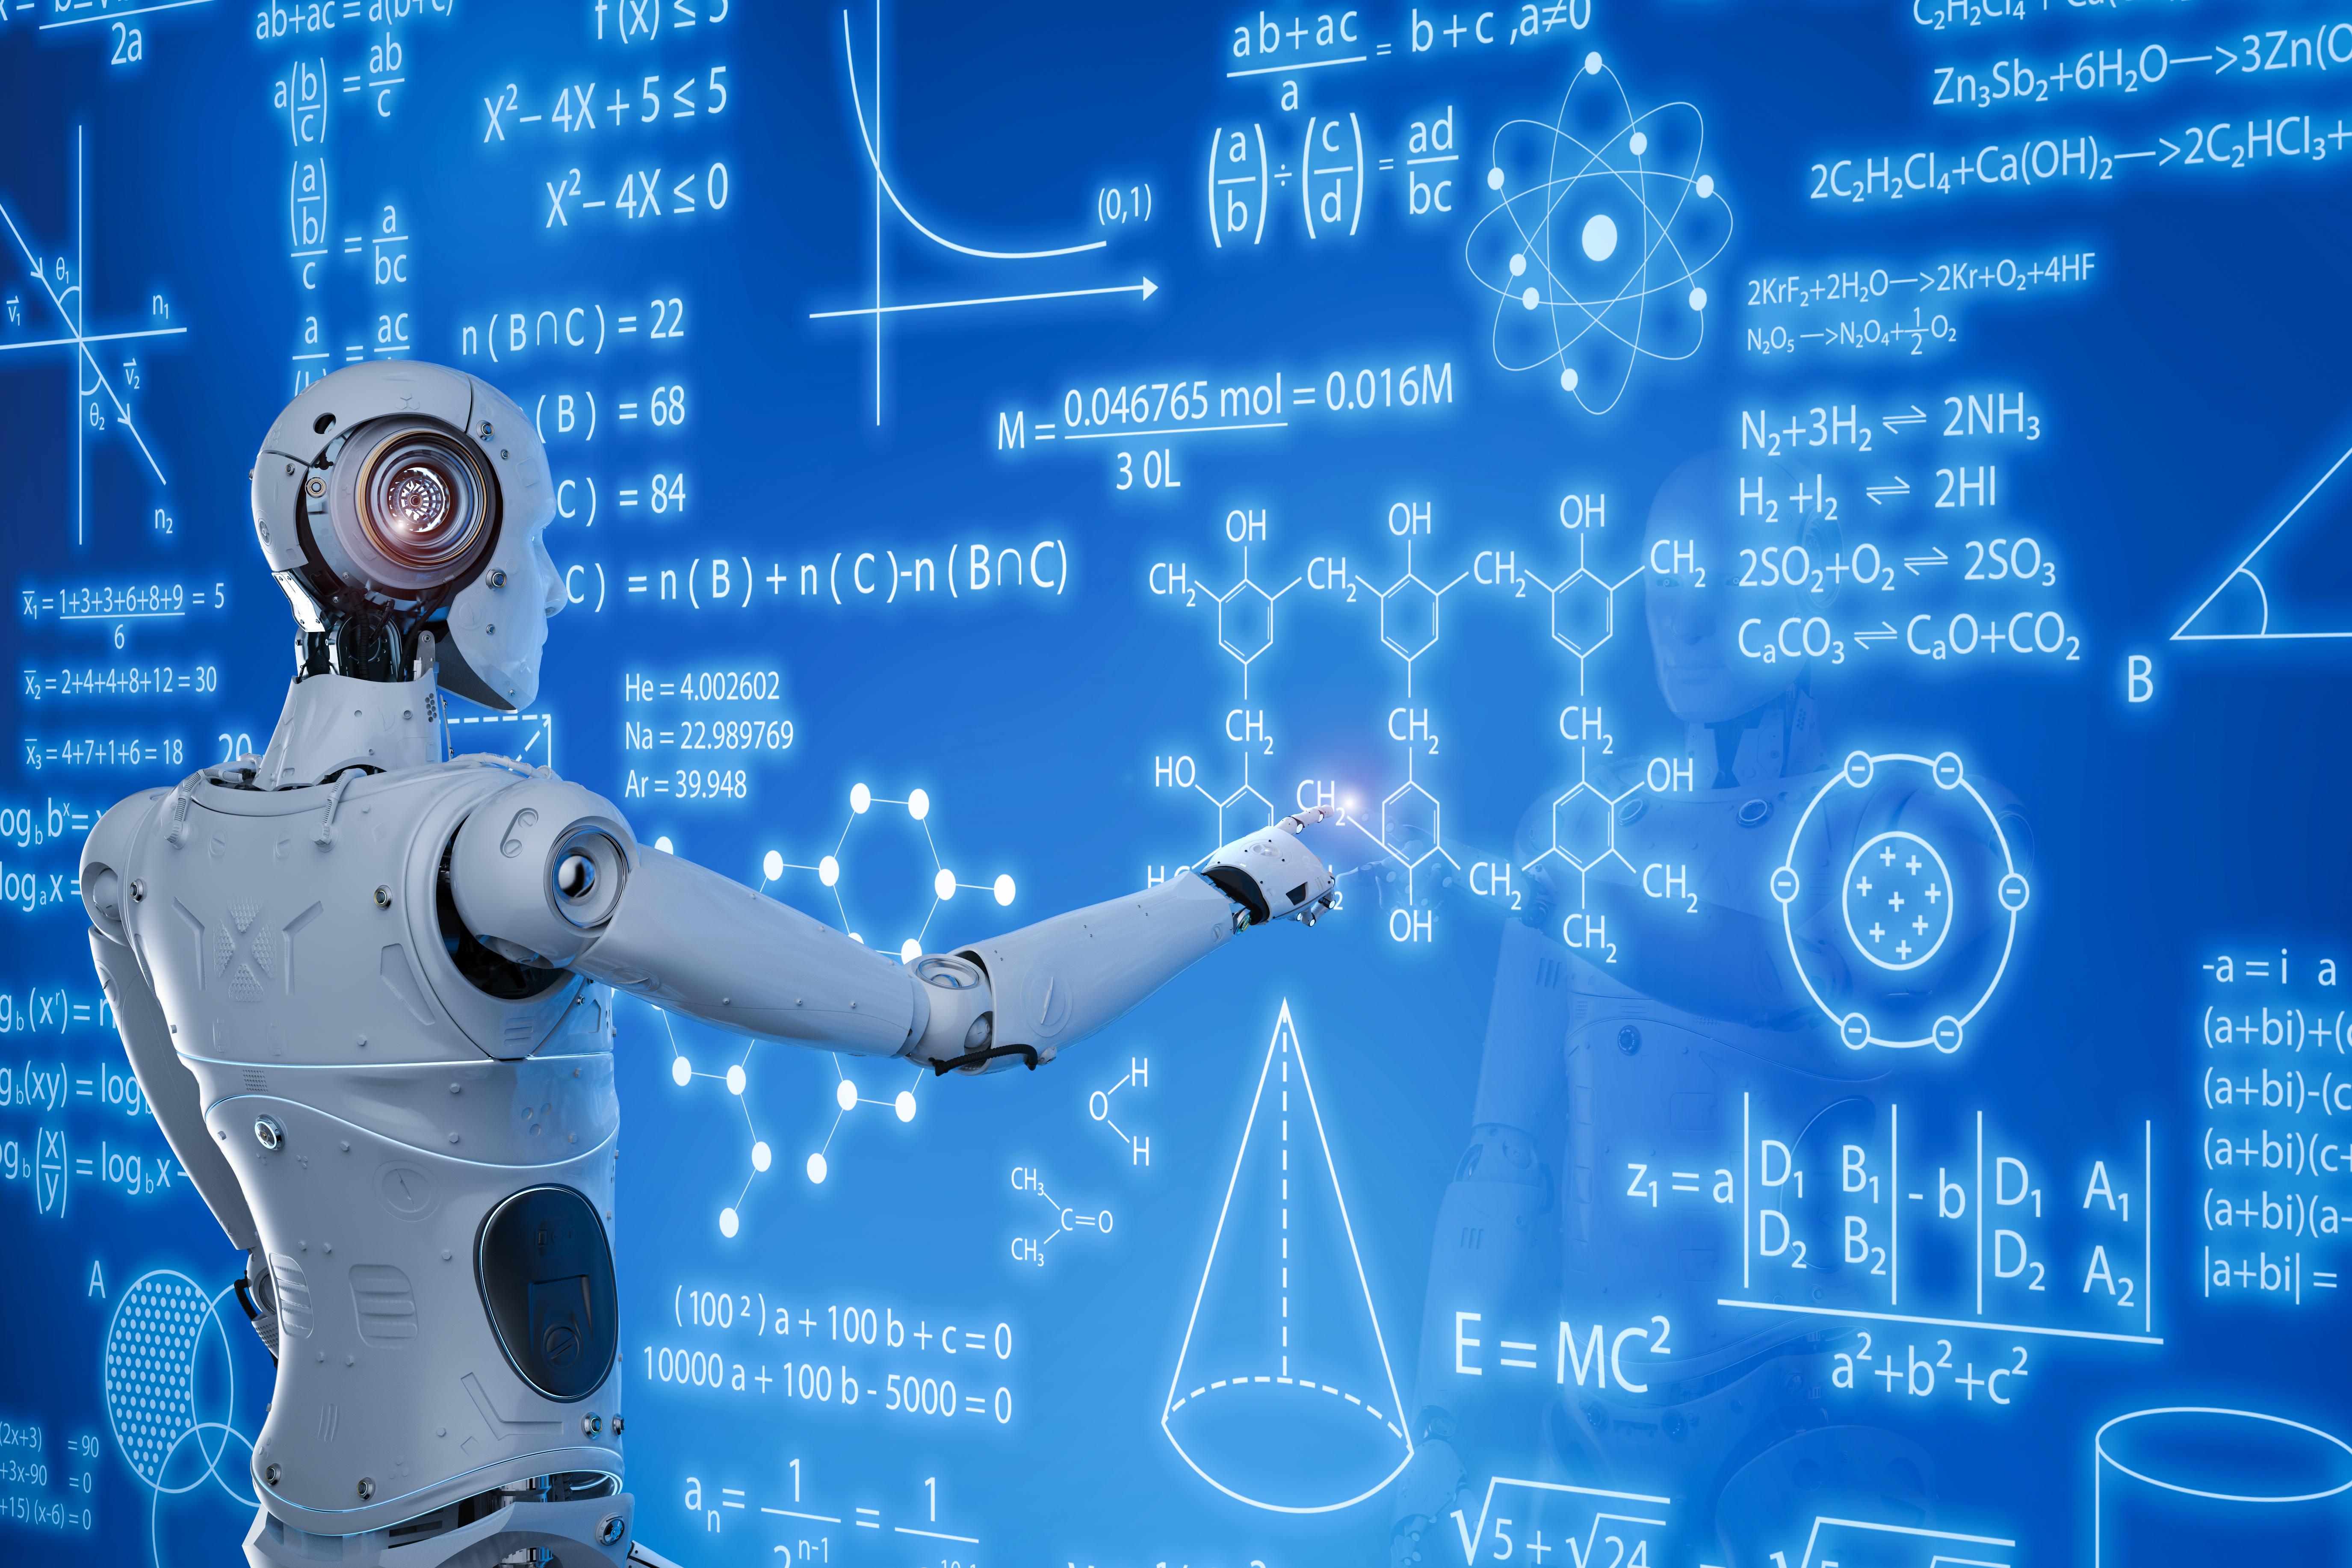 מיוני דואר לבינה מלאכותית ועסקית - מהפכת הביג דאטה כובשת את עולם הלוגיסטיקה